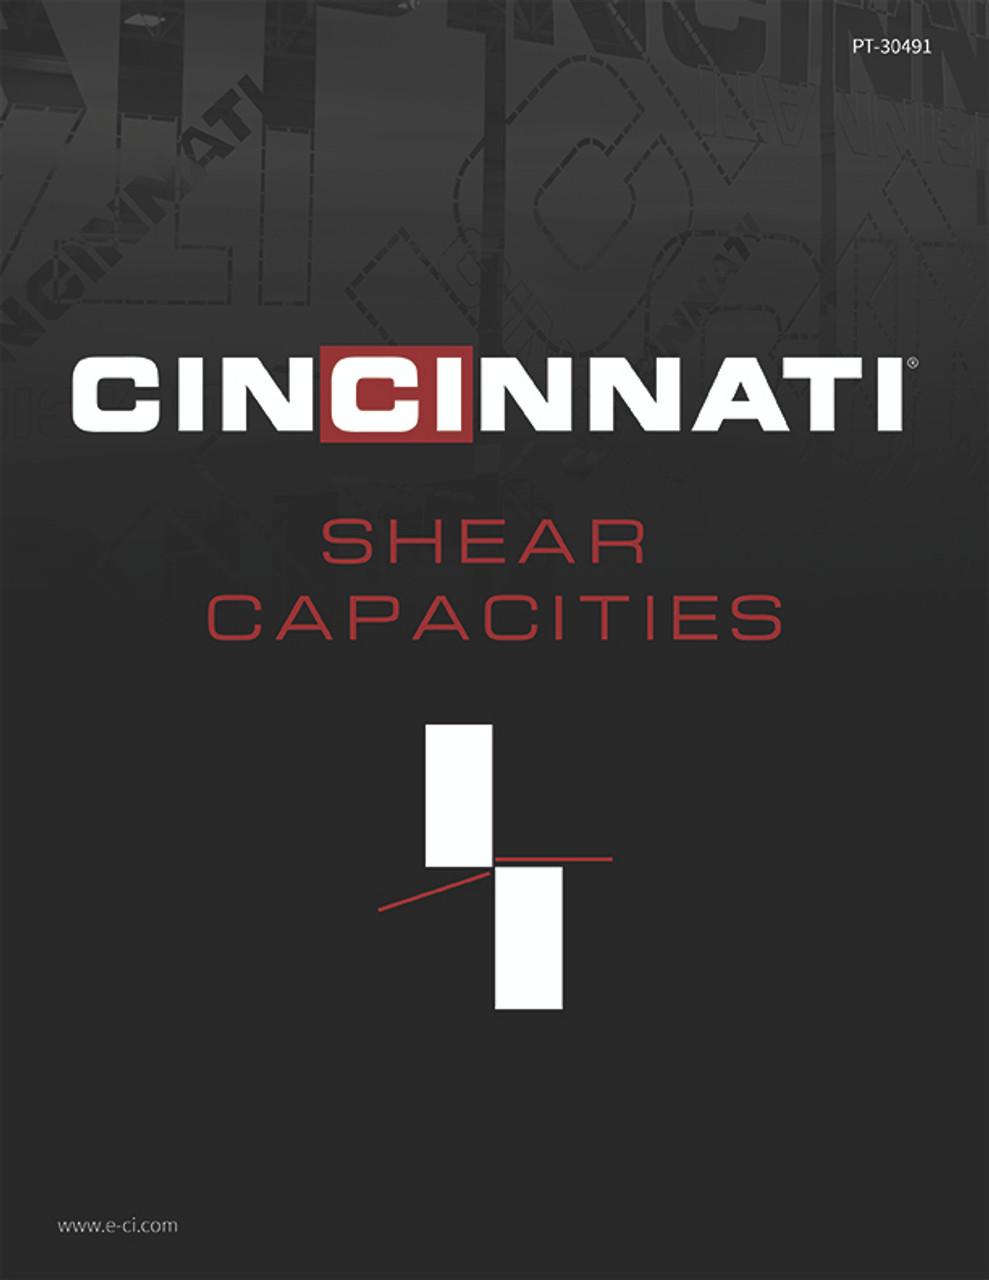 PT-30491 Shear Capacities